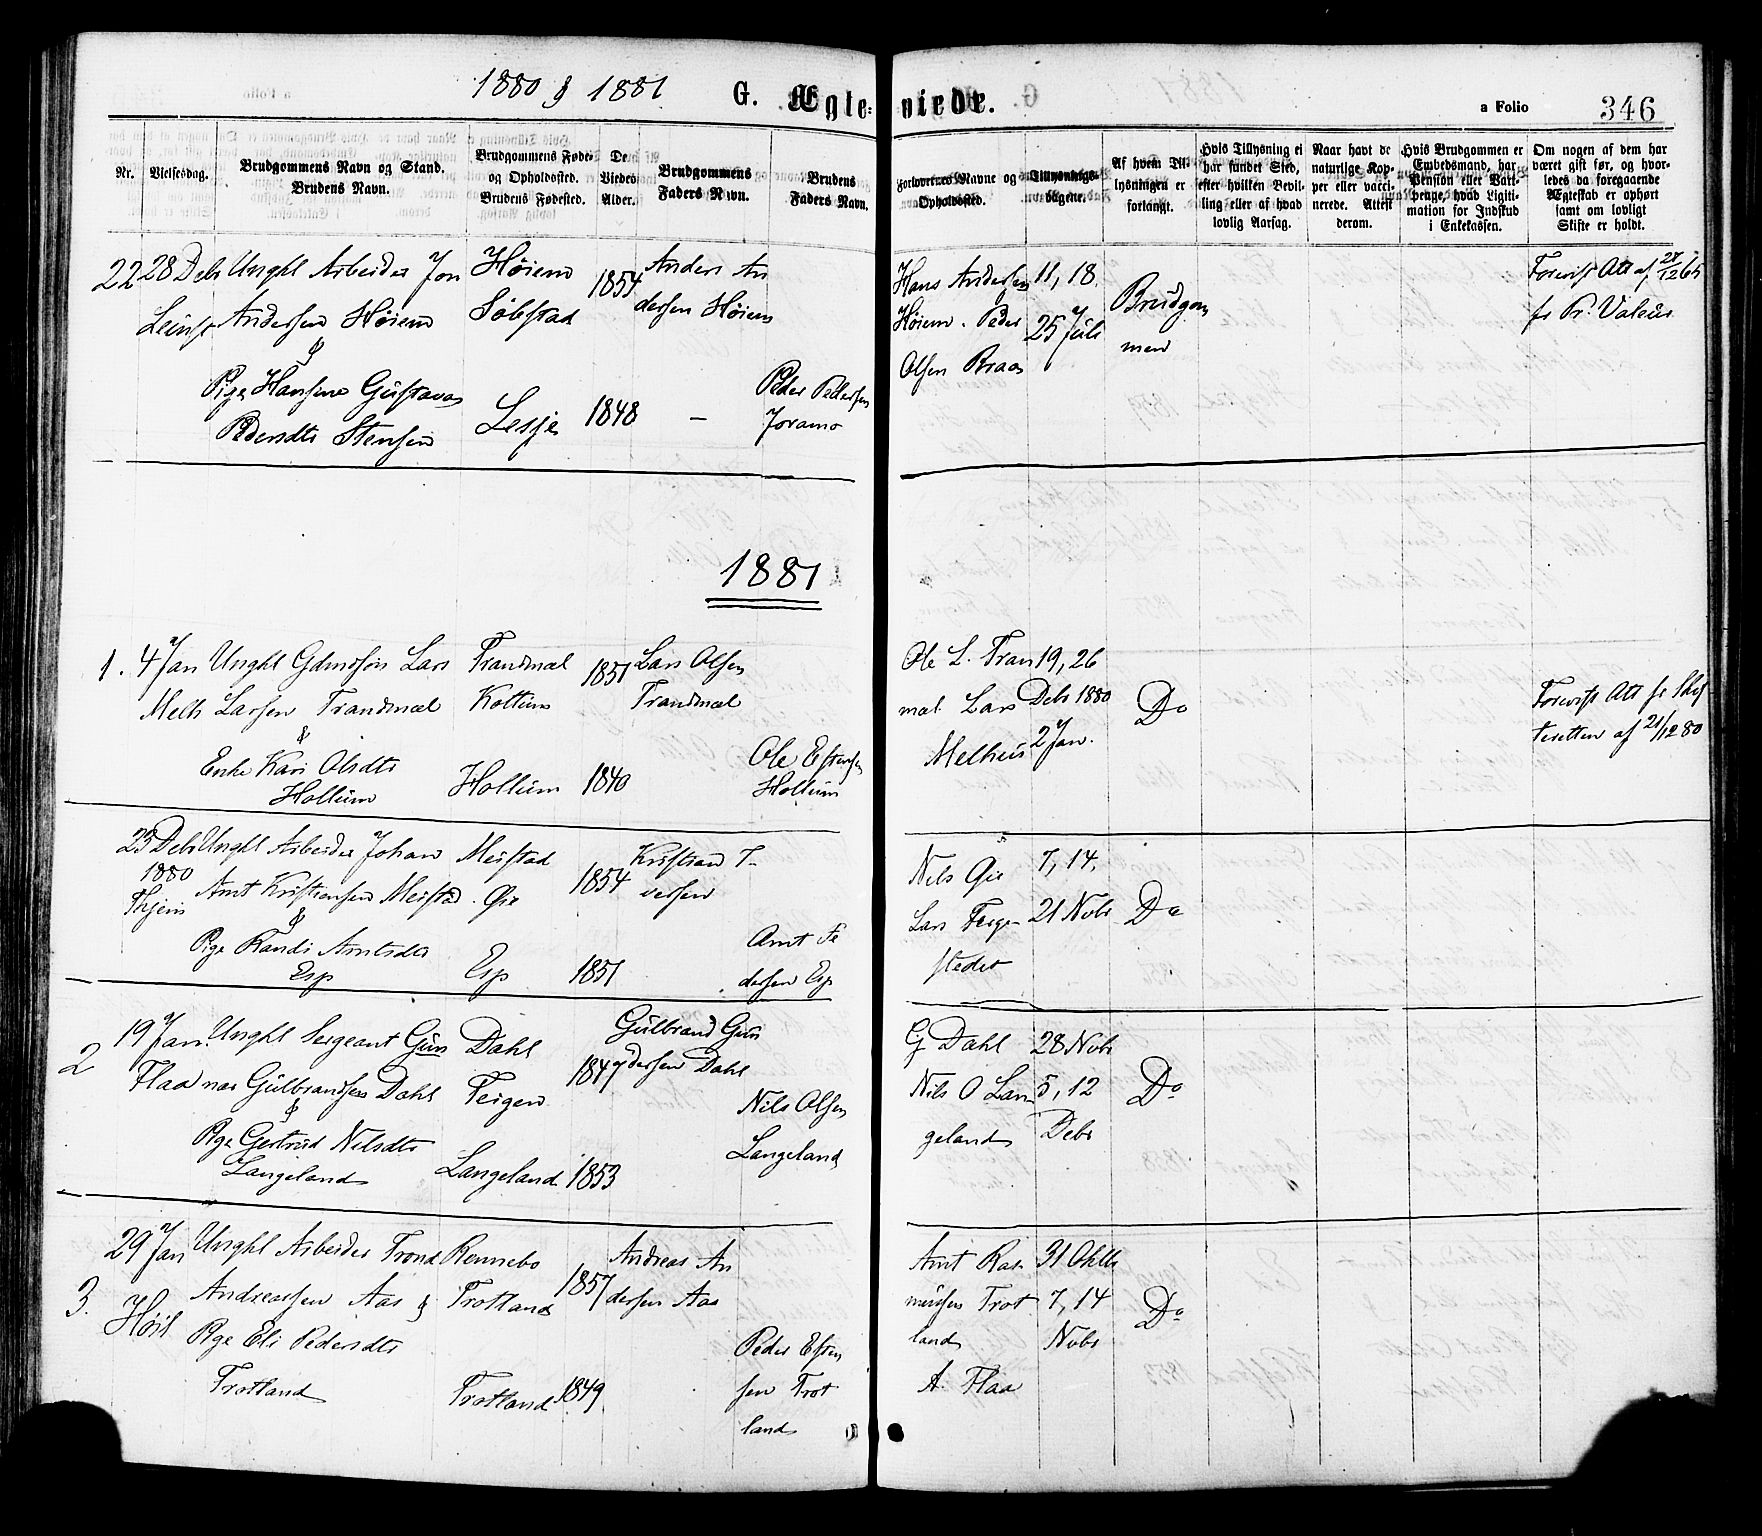 SAT, Ministerialprotokoller, klokkerbøker og fødselsregistre - Sør-Trøndelag, 691/L1079: Ministerialbok nr. 691A11, 1873-1886, s. 346